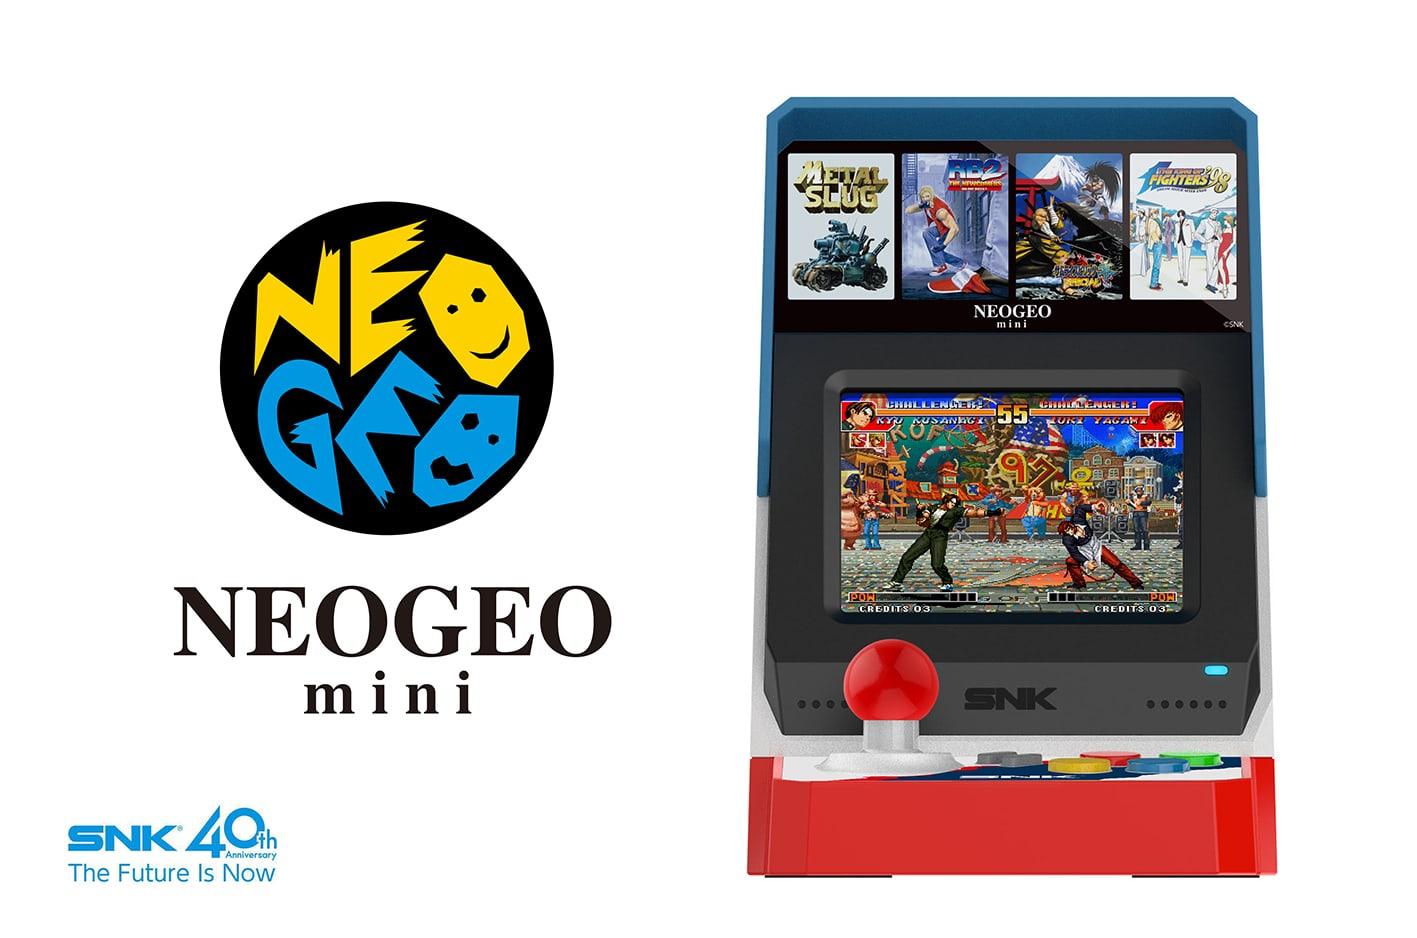 NEOGEO miniの筐体の画像